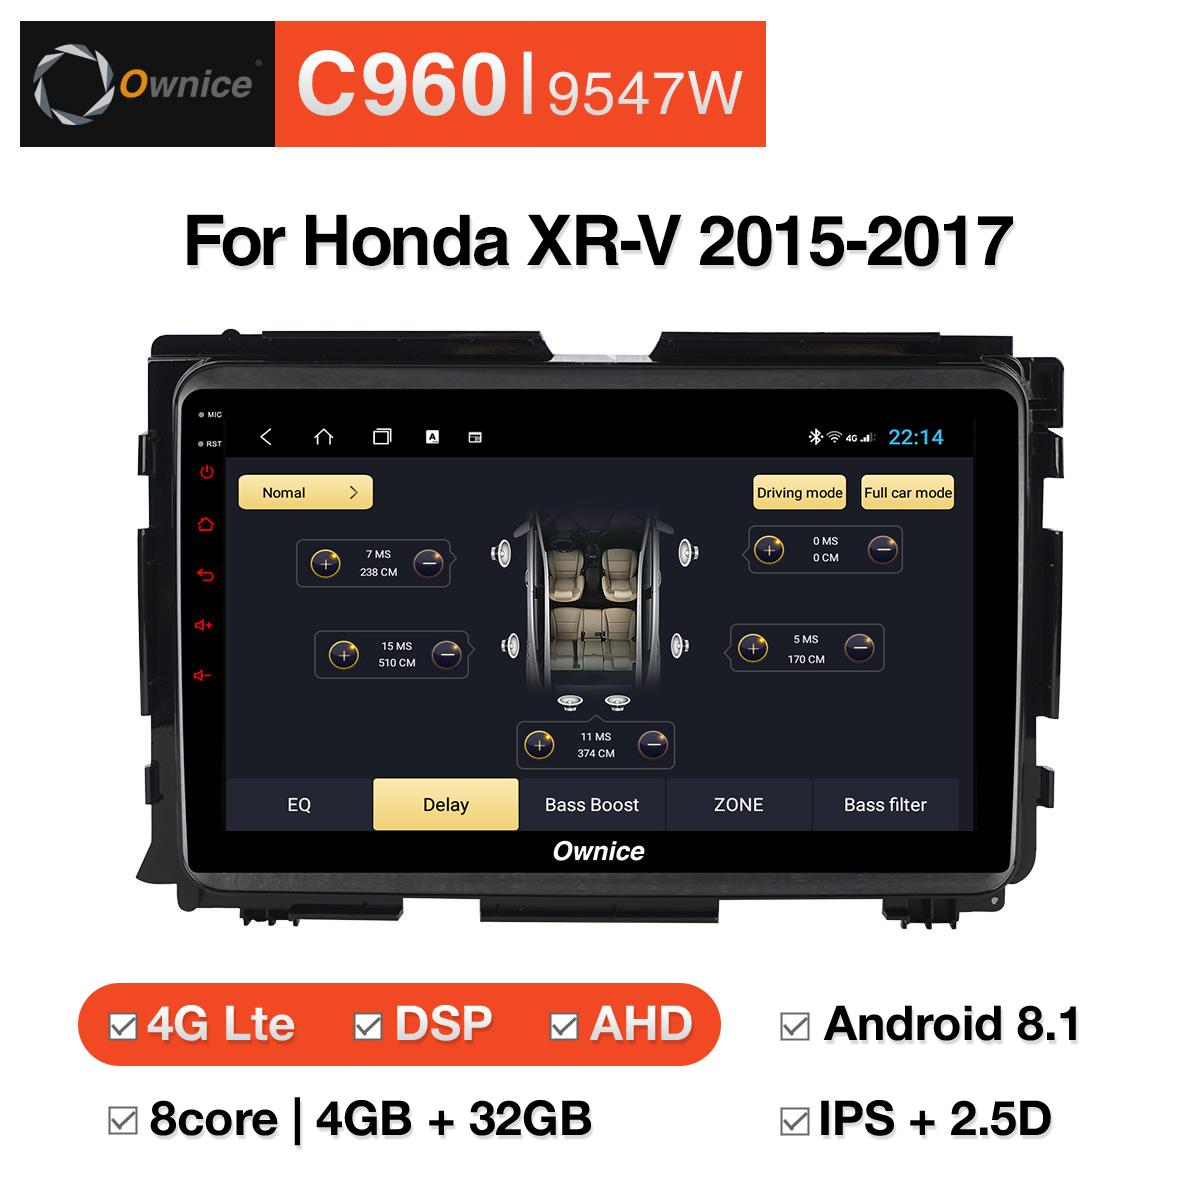 Đầu DVD android Ownice C960 cho xe ô tô Honda XR-V 2015-2017